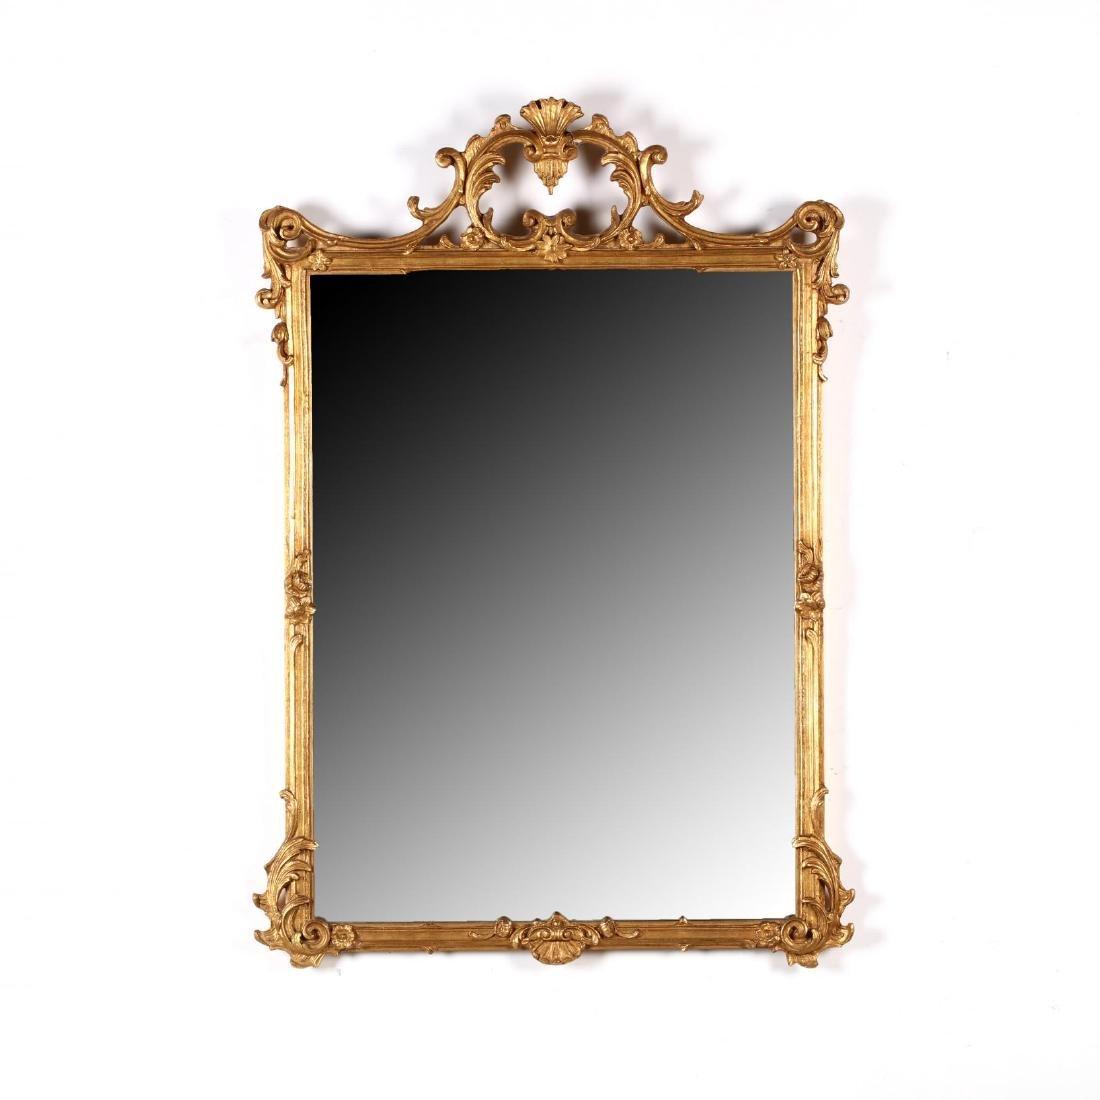 Friedman Brothers, Italianate Wall Mirror